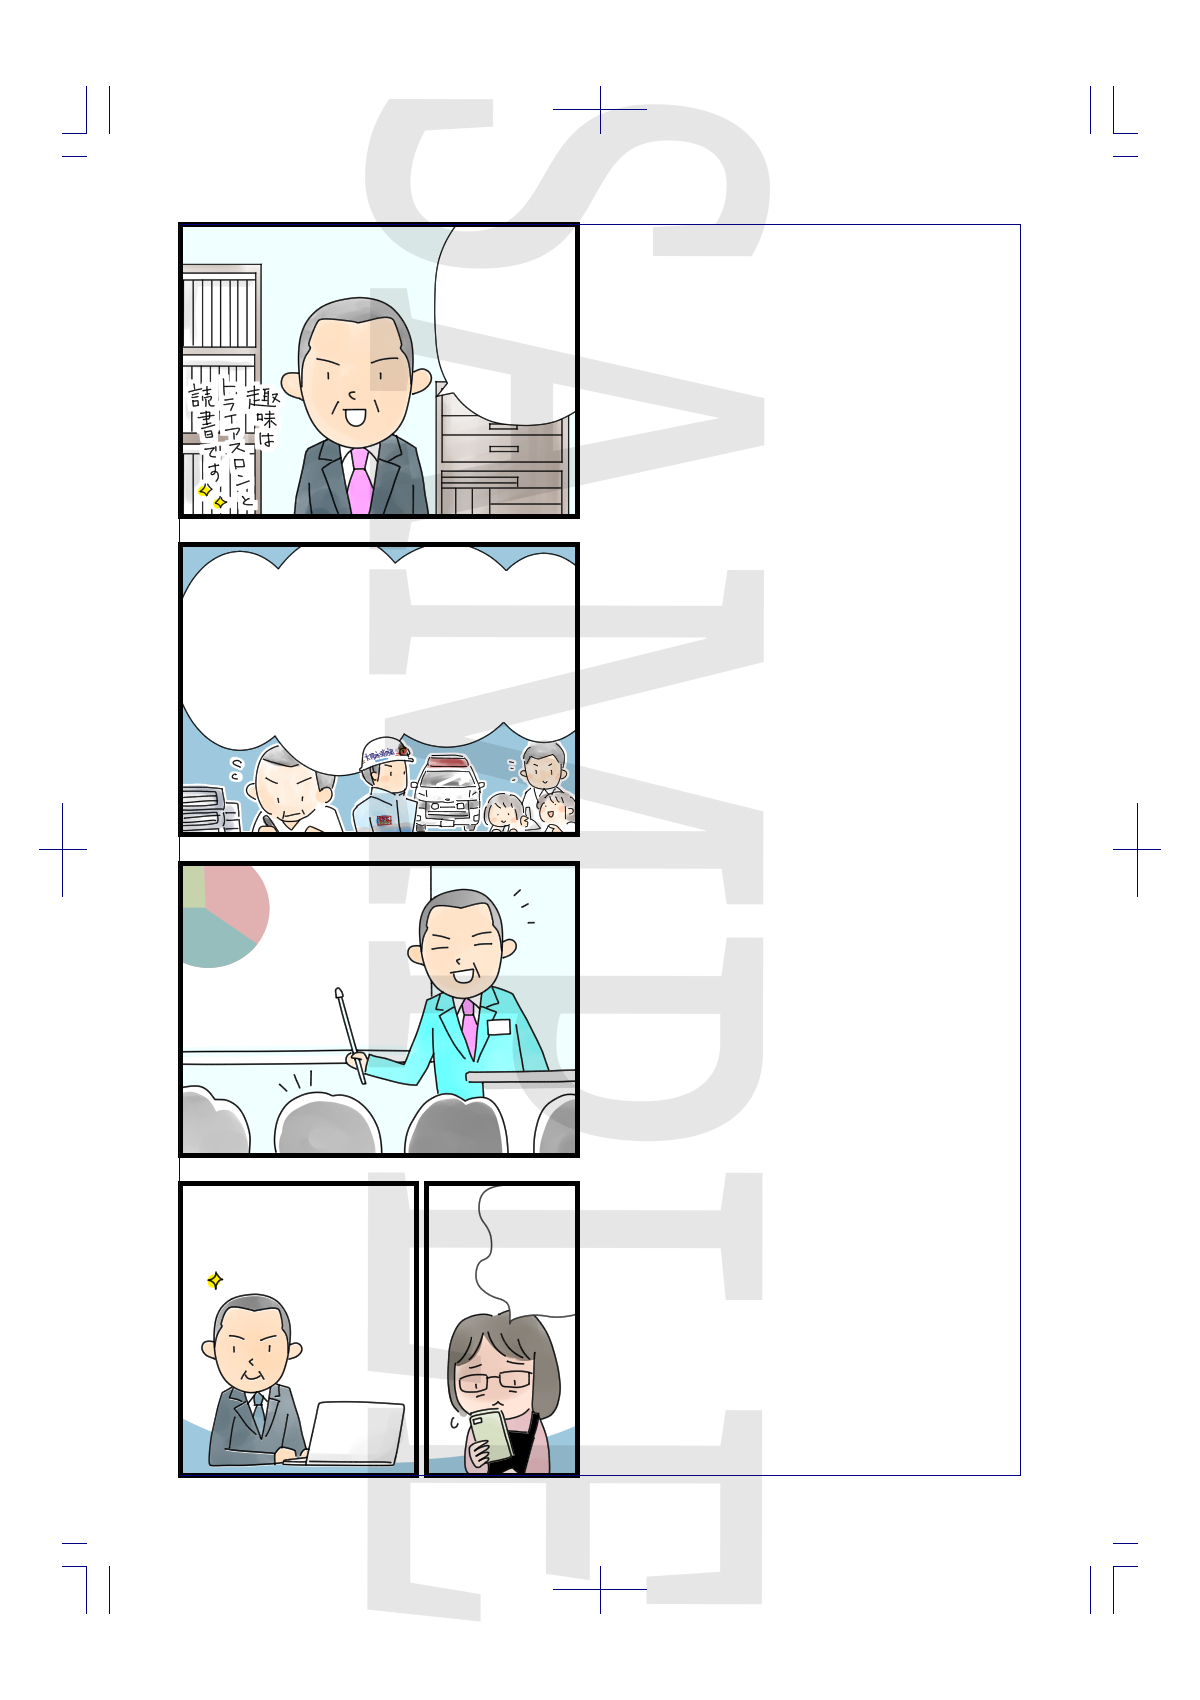 新規ホームページに使う自己紹介漫画を描かせていただきました / 4コマ漫画